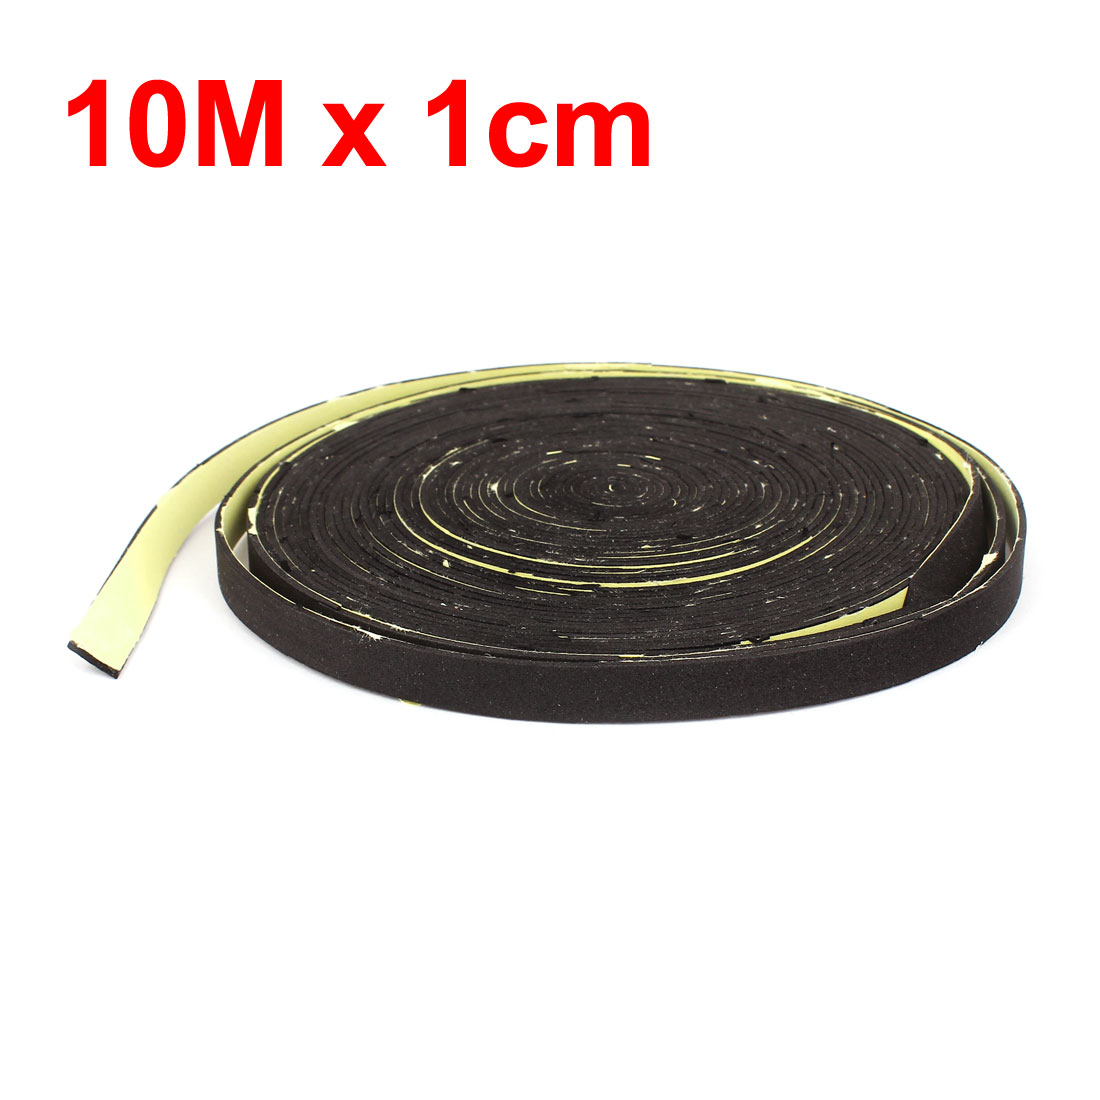 Uxcell preto 10m 33ft comprimento 1cm largura do carro áudio alto-falante fita de vedação